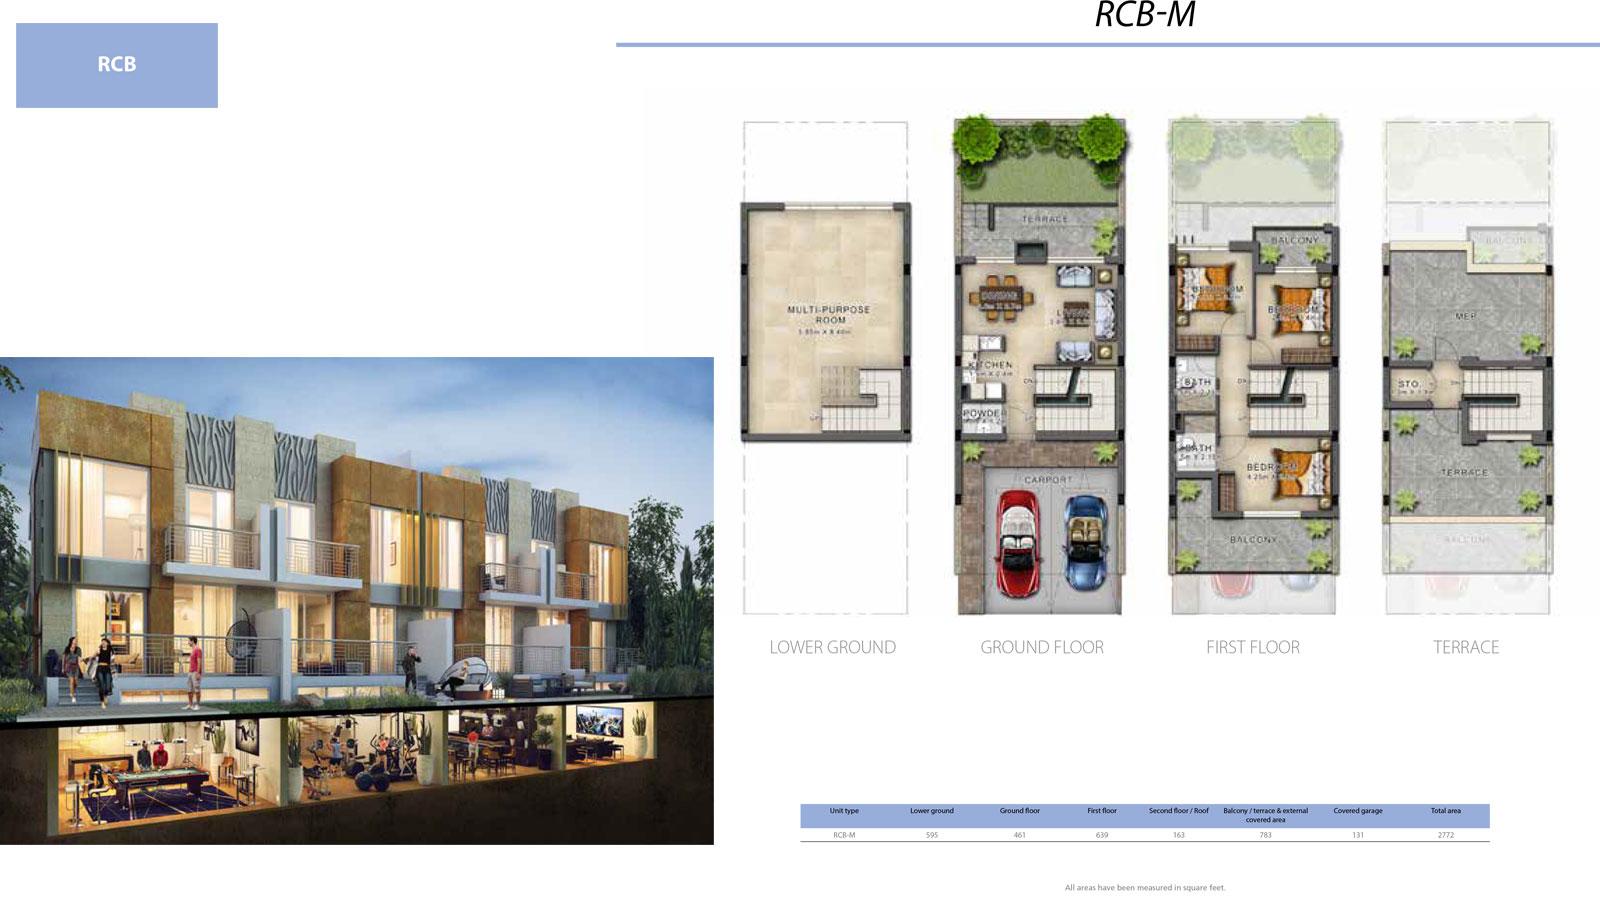 3 Bedroom Villa, Size 2772 sq ft